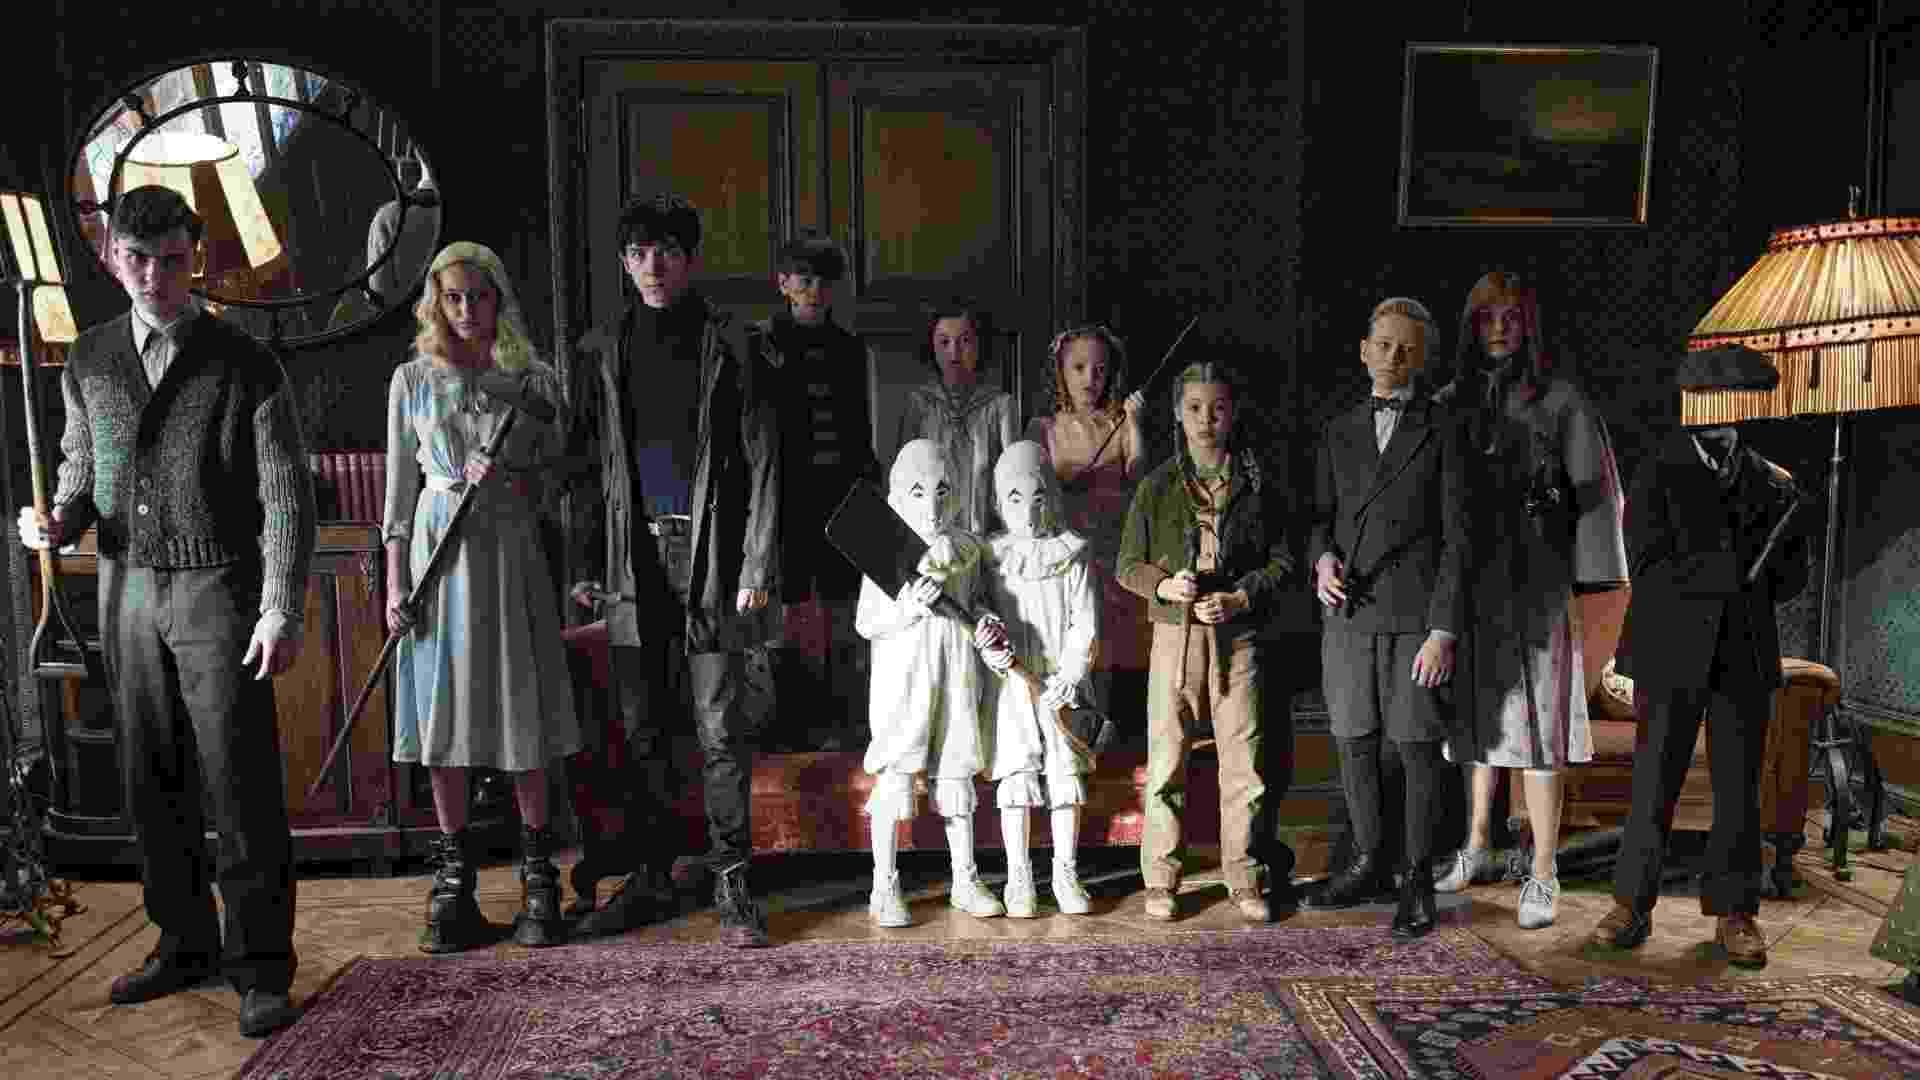 """Elenco de """"O Lar das Crianças Peculiares"""", filme dirigido por Tim Burton baseado na obra """"O Orfanato da Srta. Peregrine Para Crianças Peculiares"""" - Divulgação"""